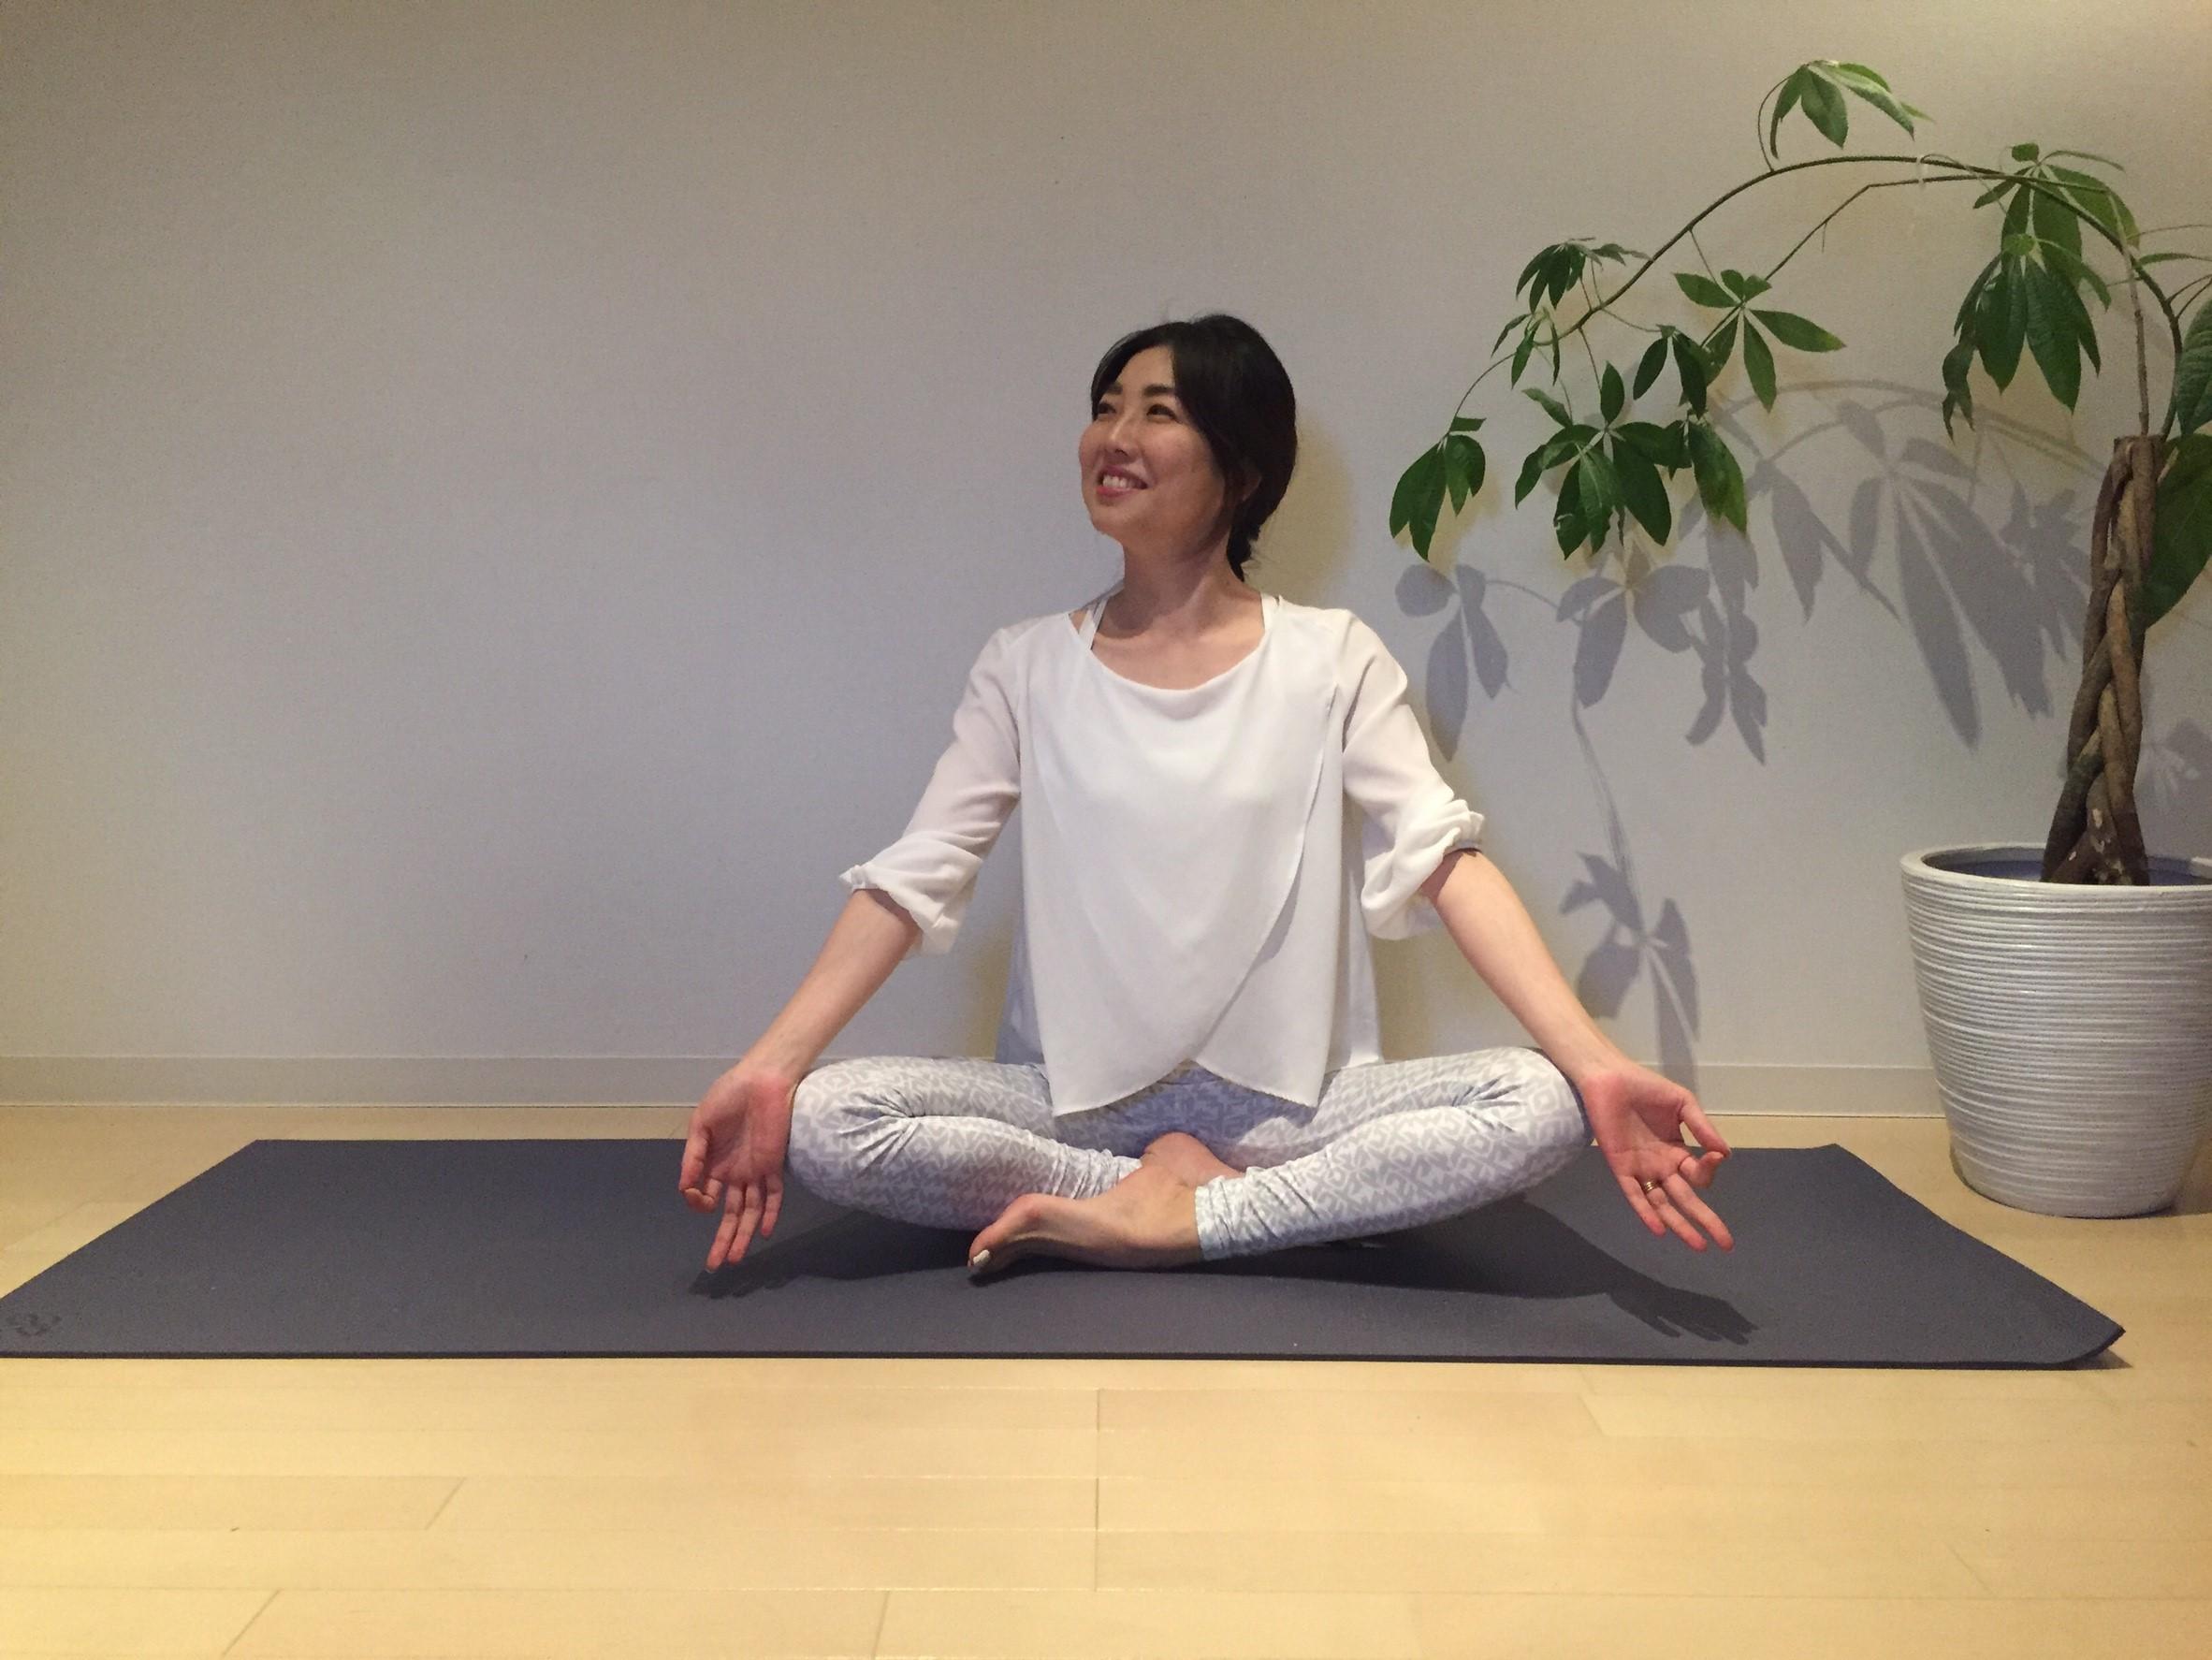 yoga 101 lesson 上新庄スタジオの写真1